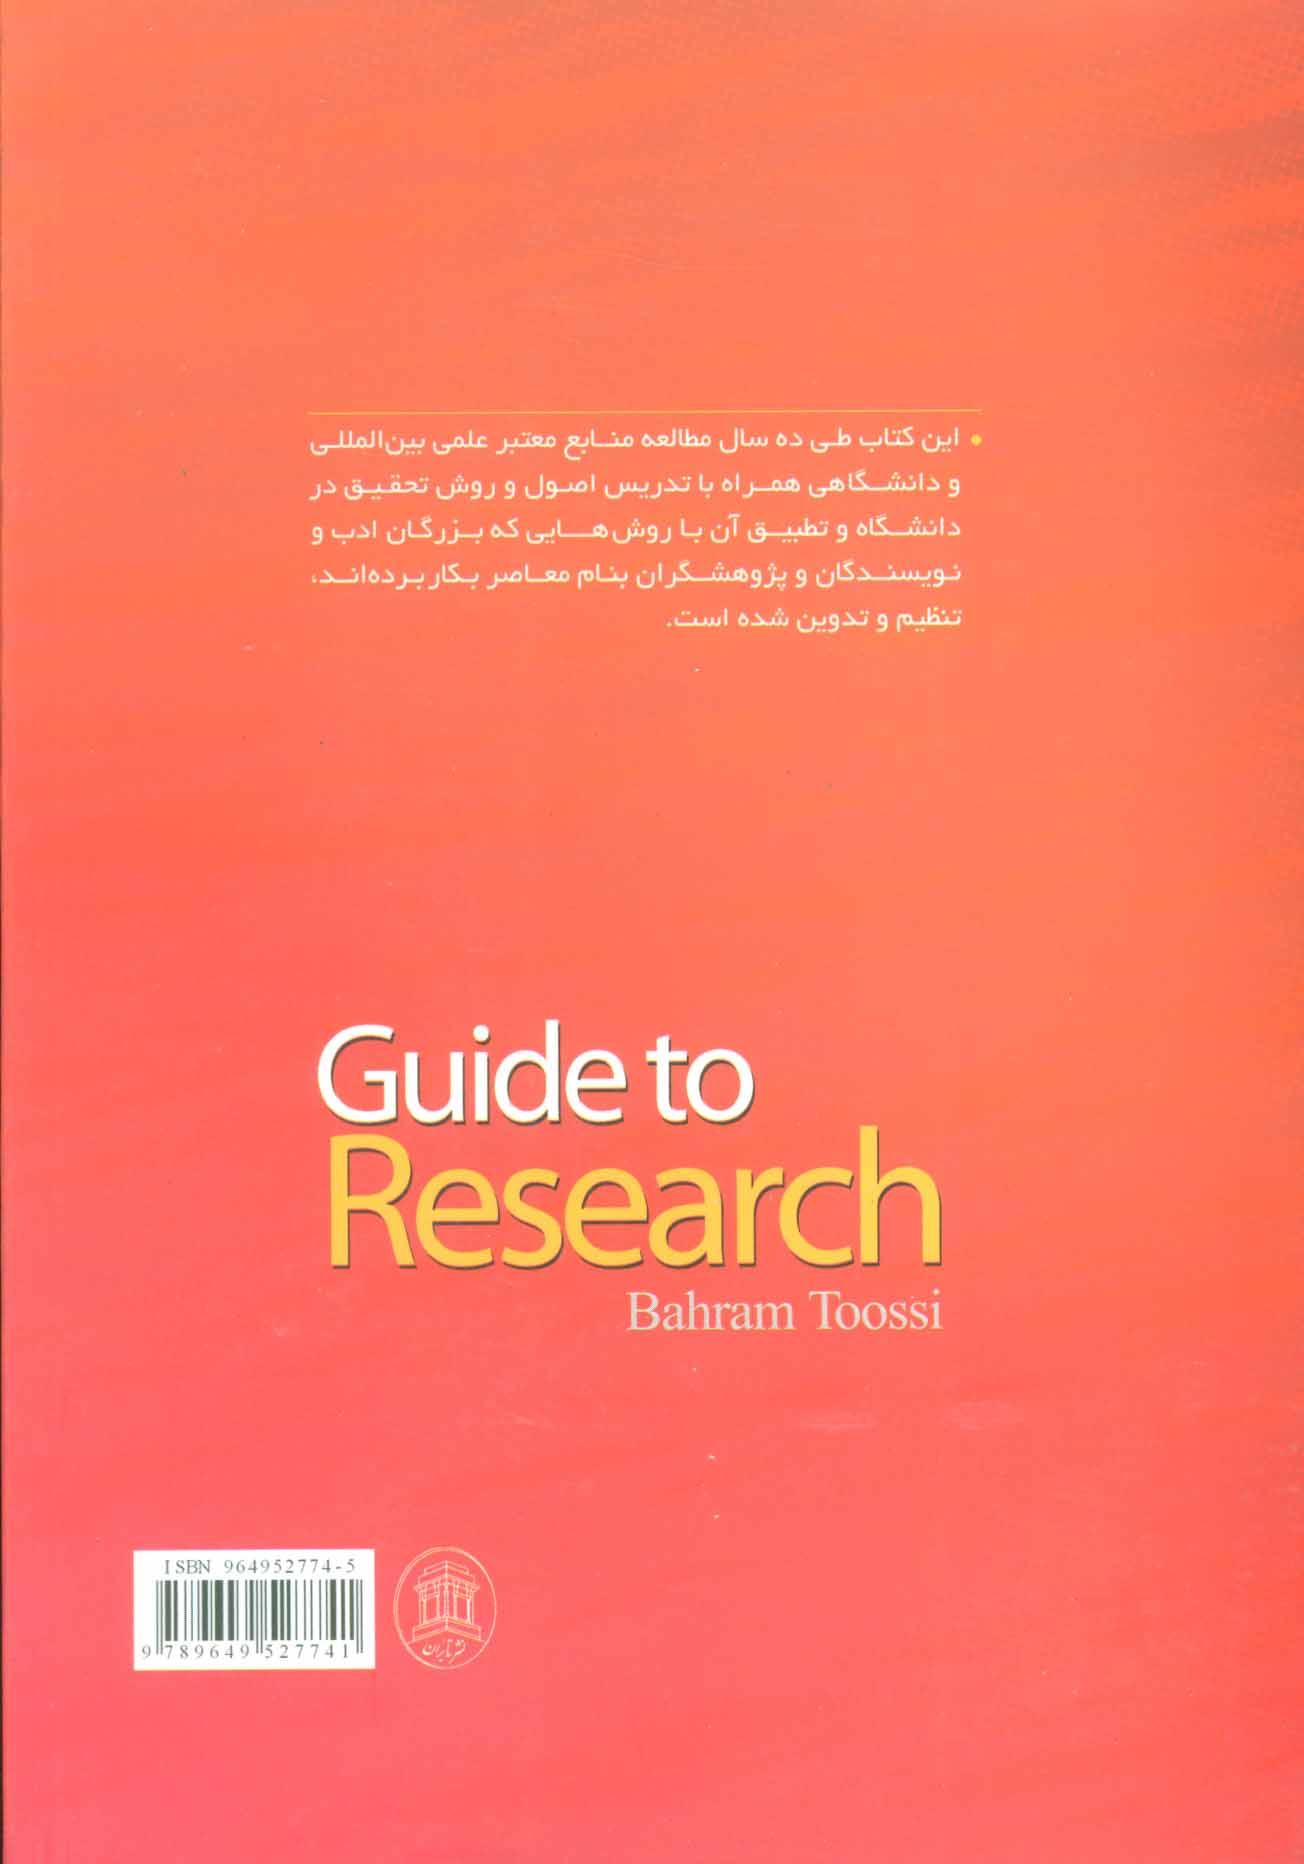 راهنمای پژوهش و اصول مقاله نویسی (تازه ترین اطلاعات درباره نوشتن مقاله پژوهشی…)